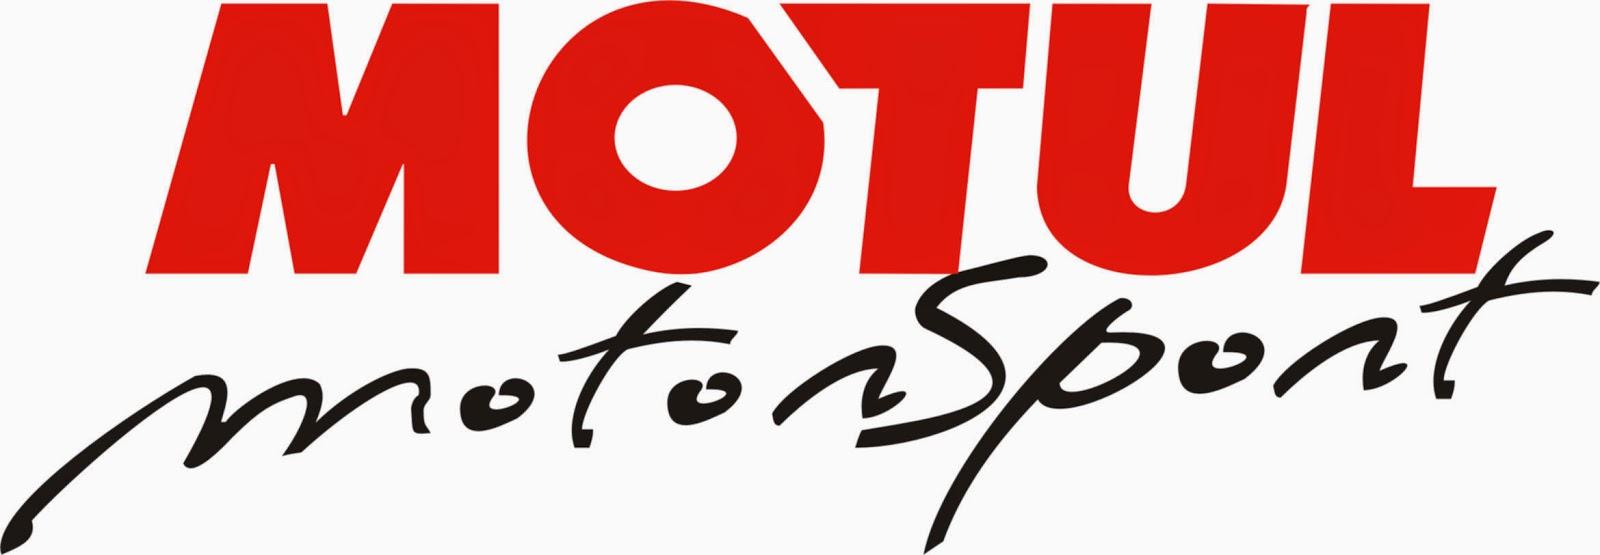 motul motorsports